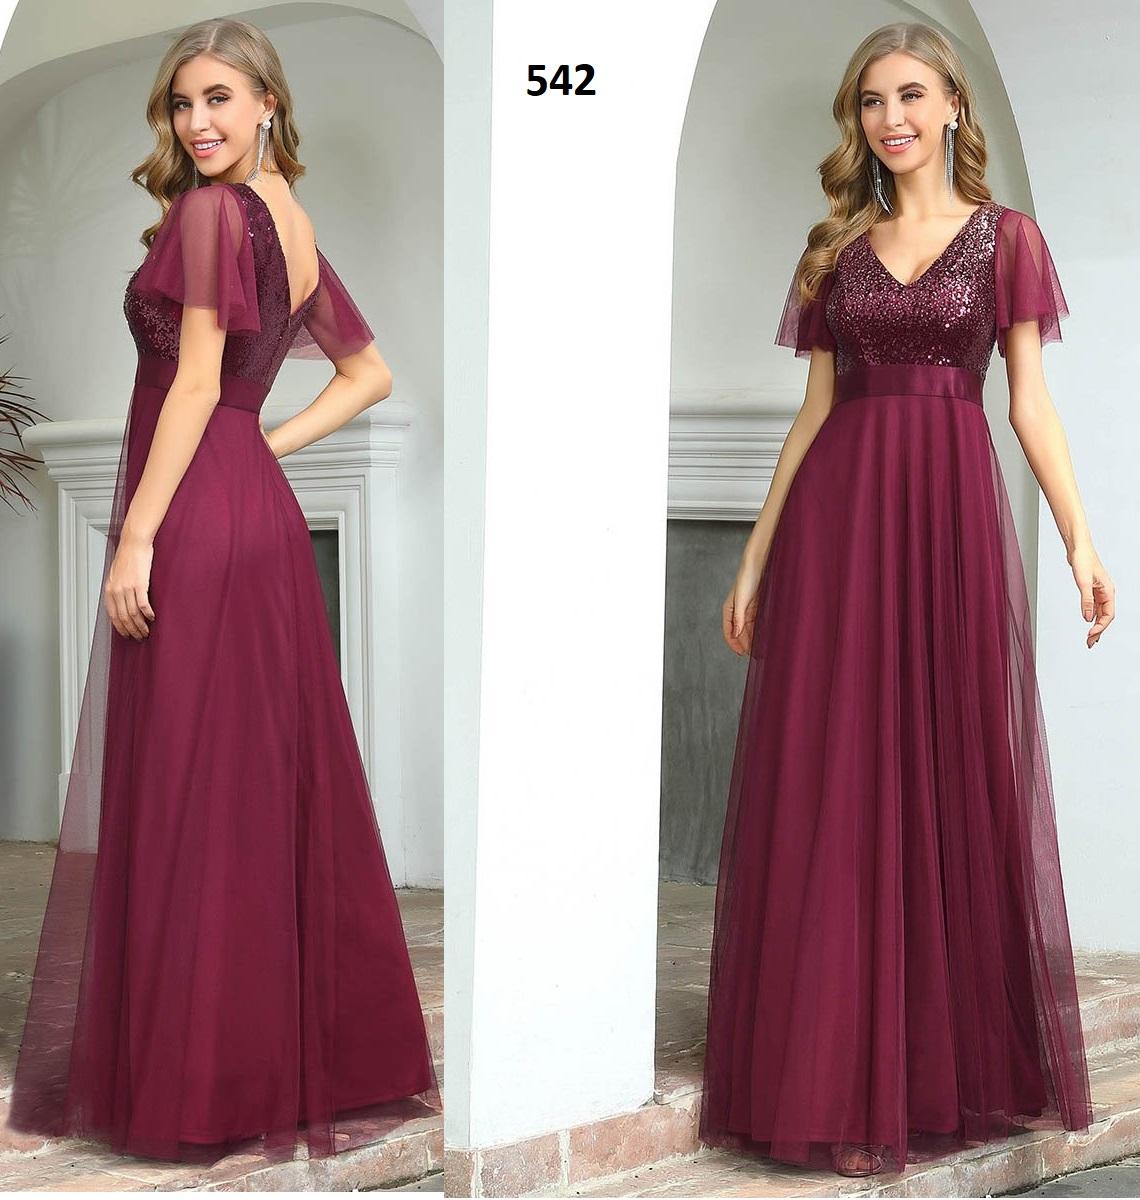 Vestido Largo 542 talla 42